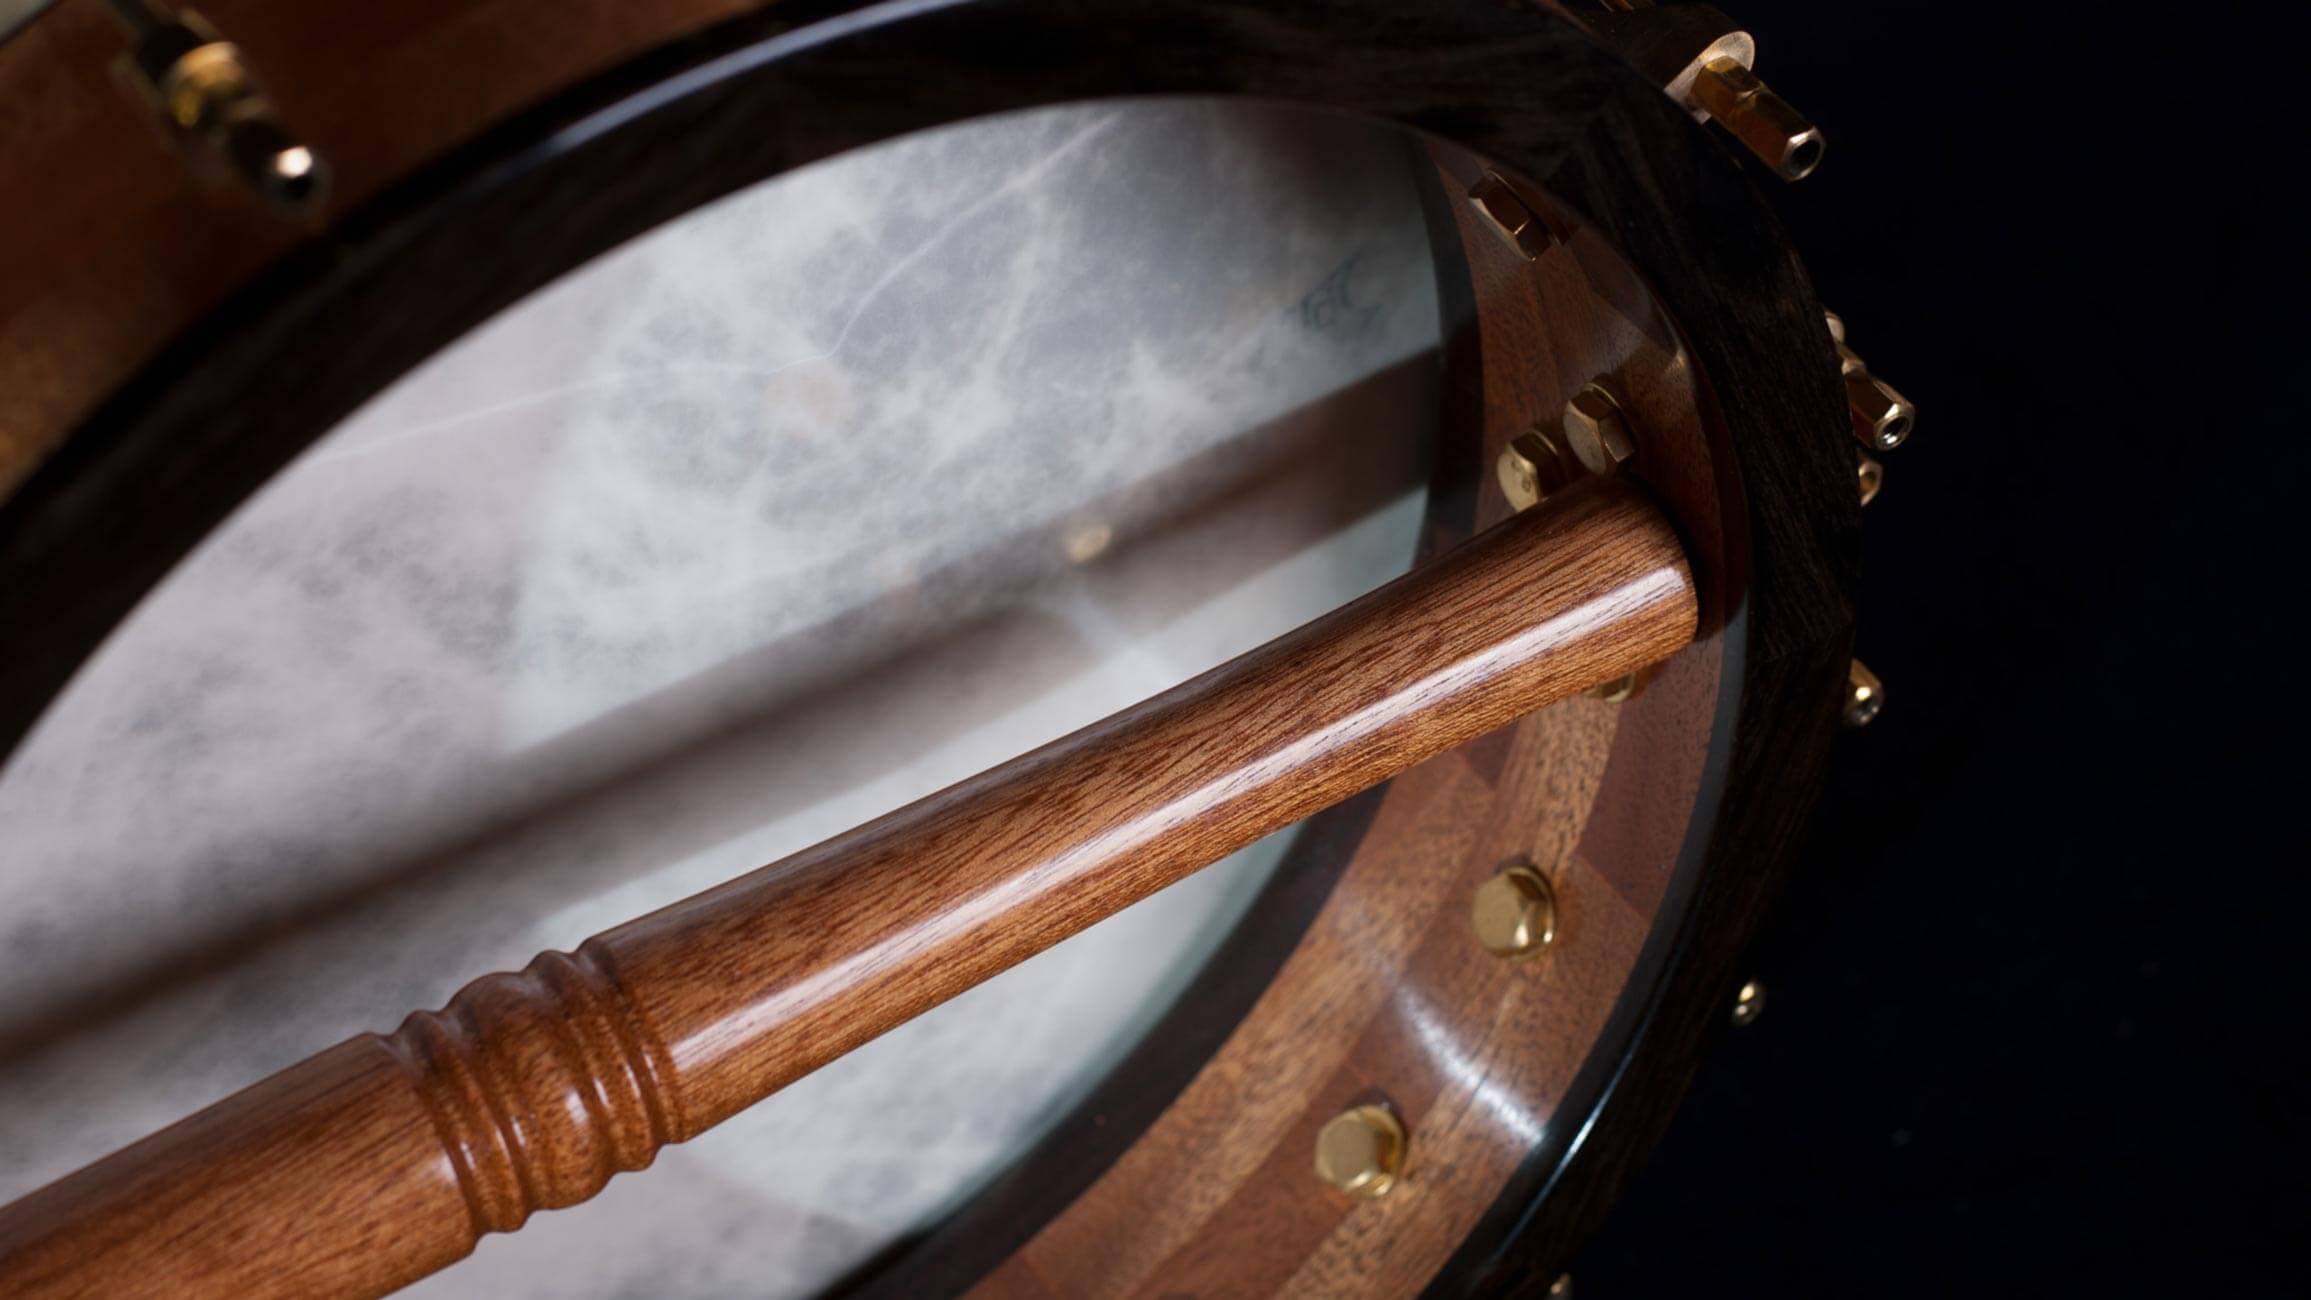 11-inch-rim-sapele-rosewood-banjo dowel